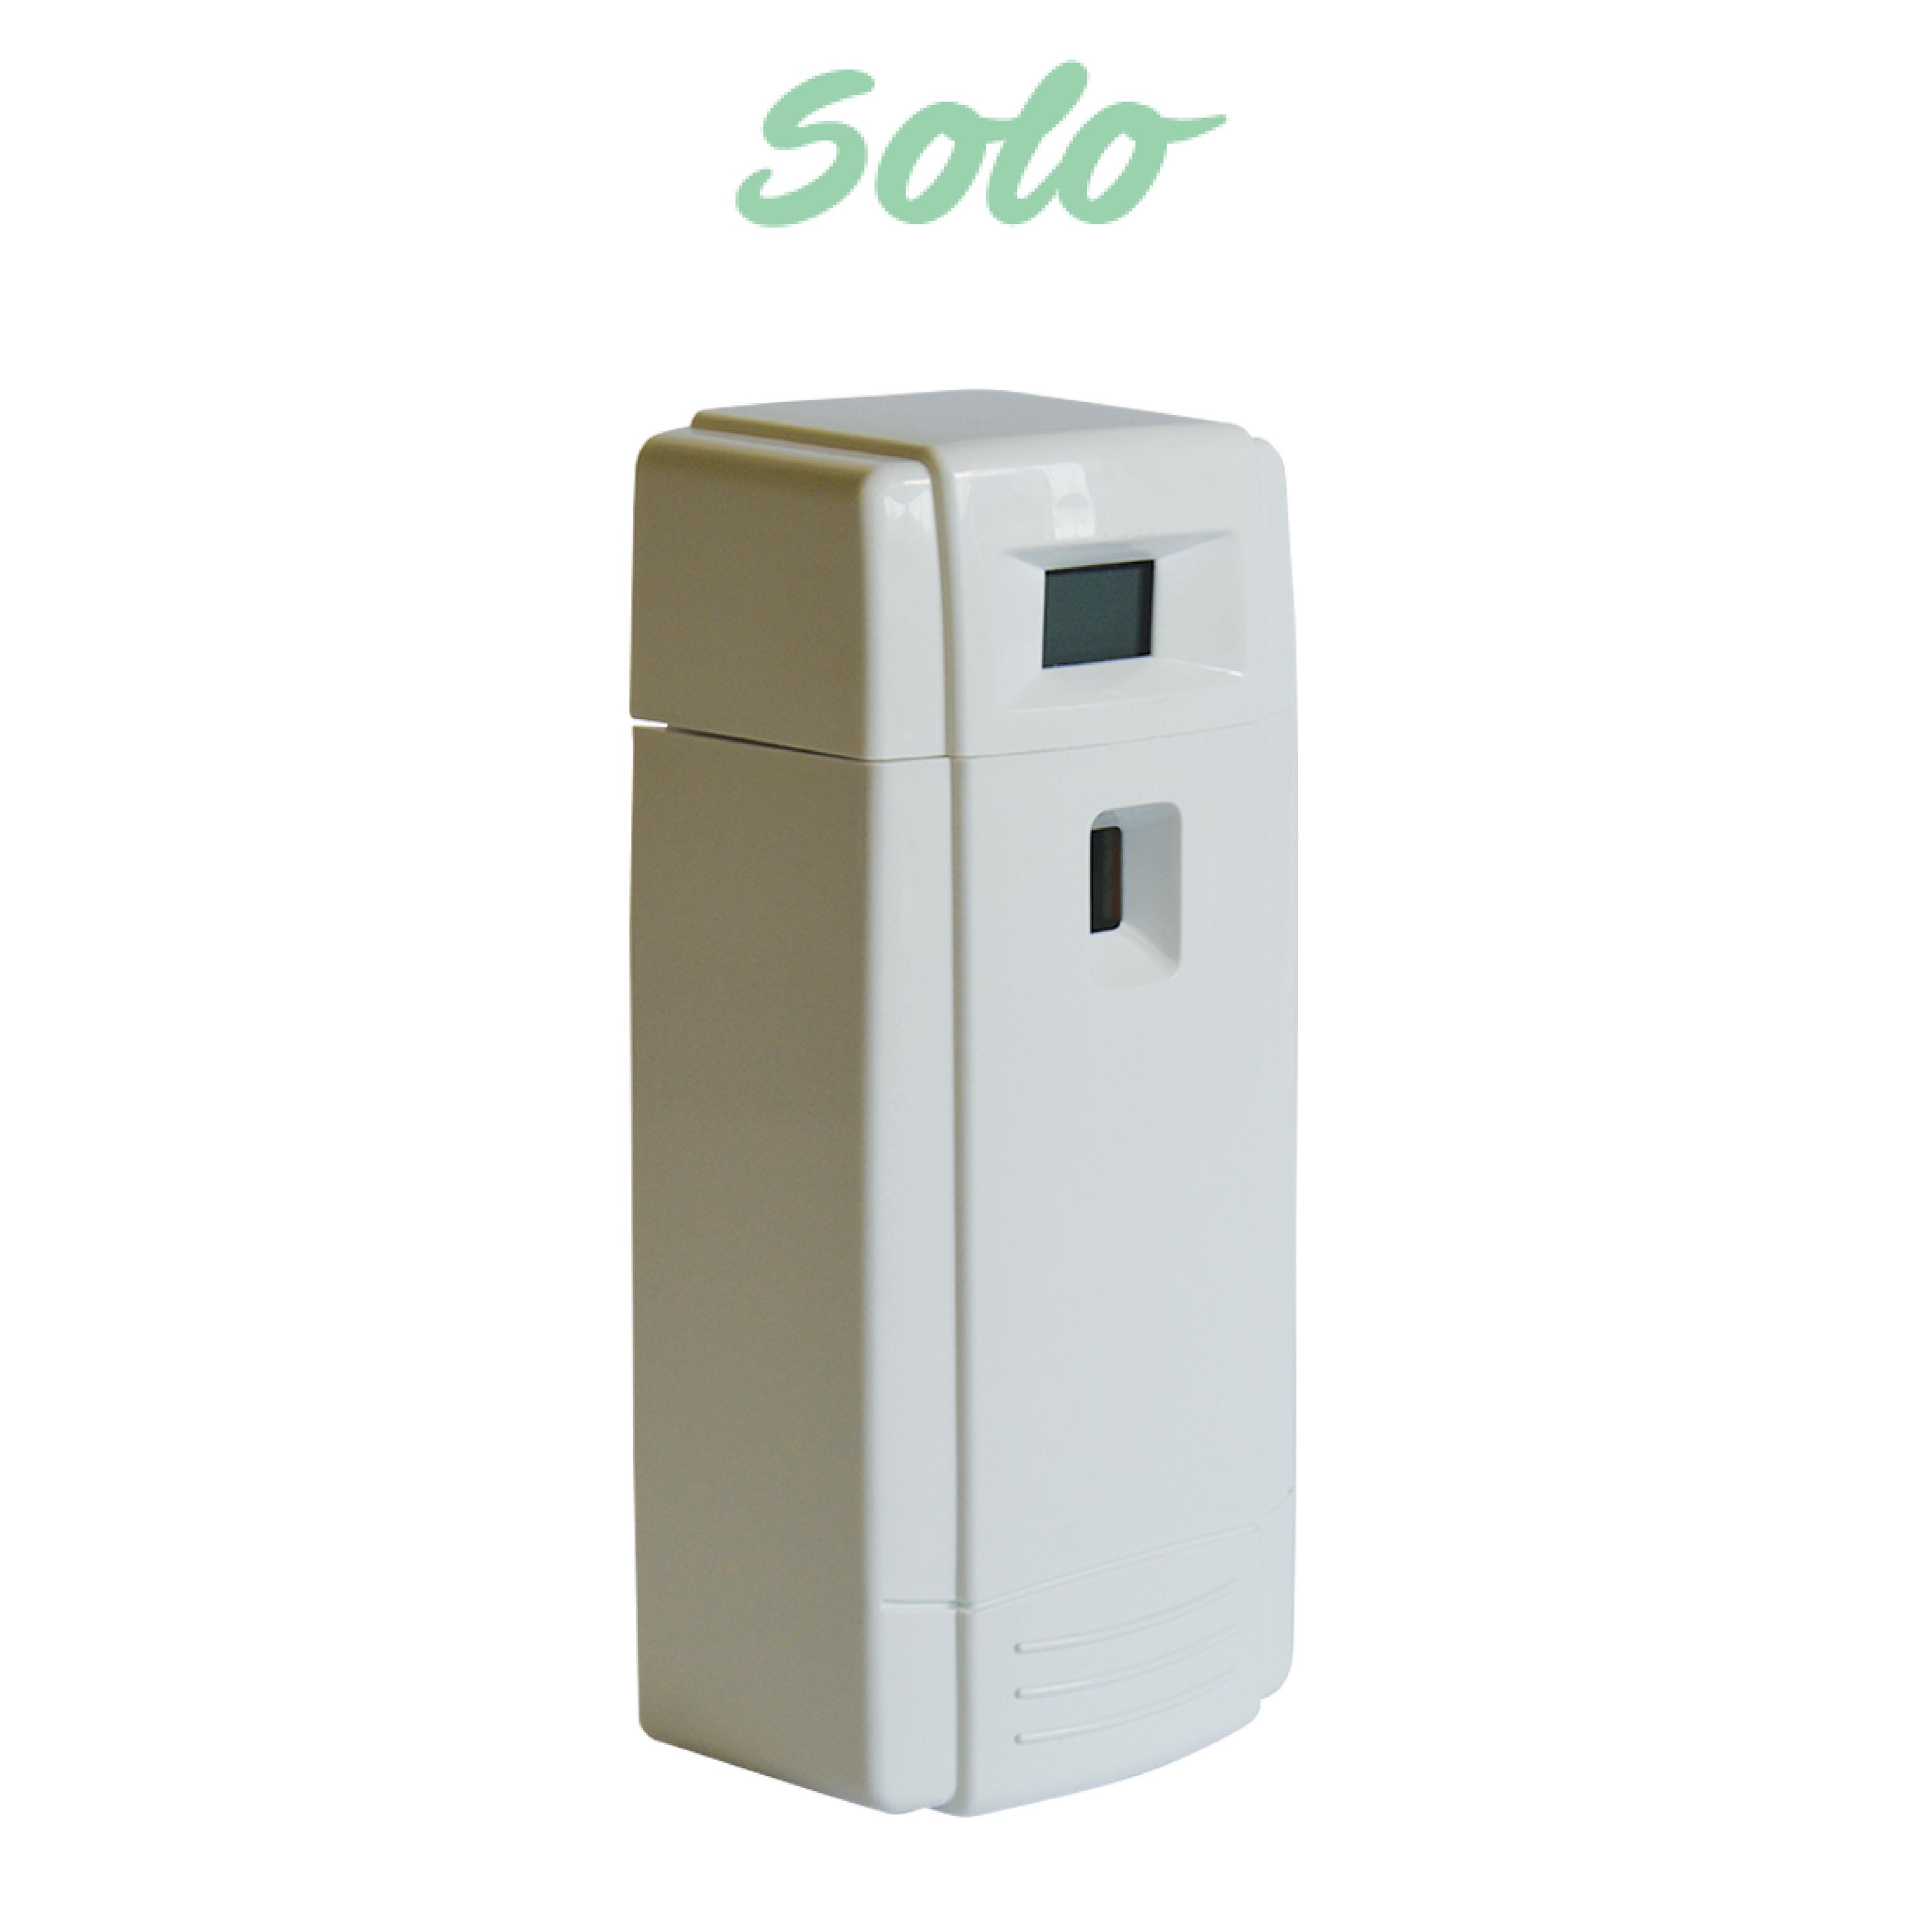 Solo Digital Air Freshener Dispenser